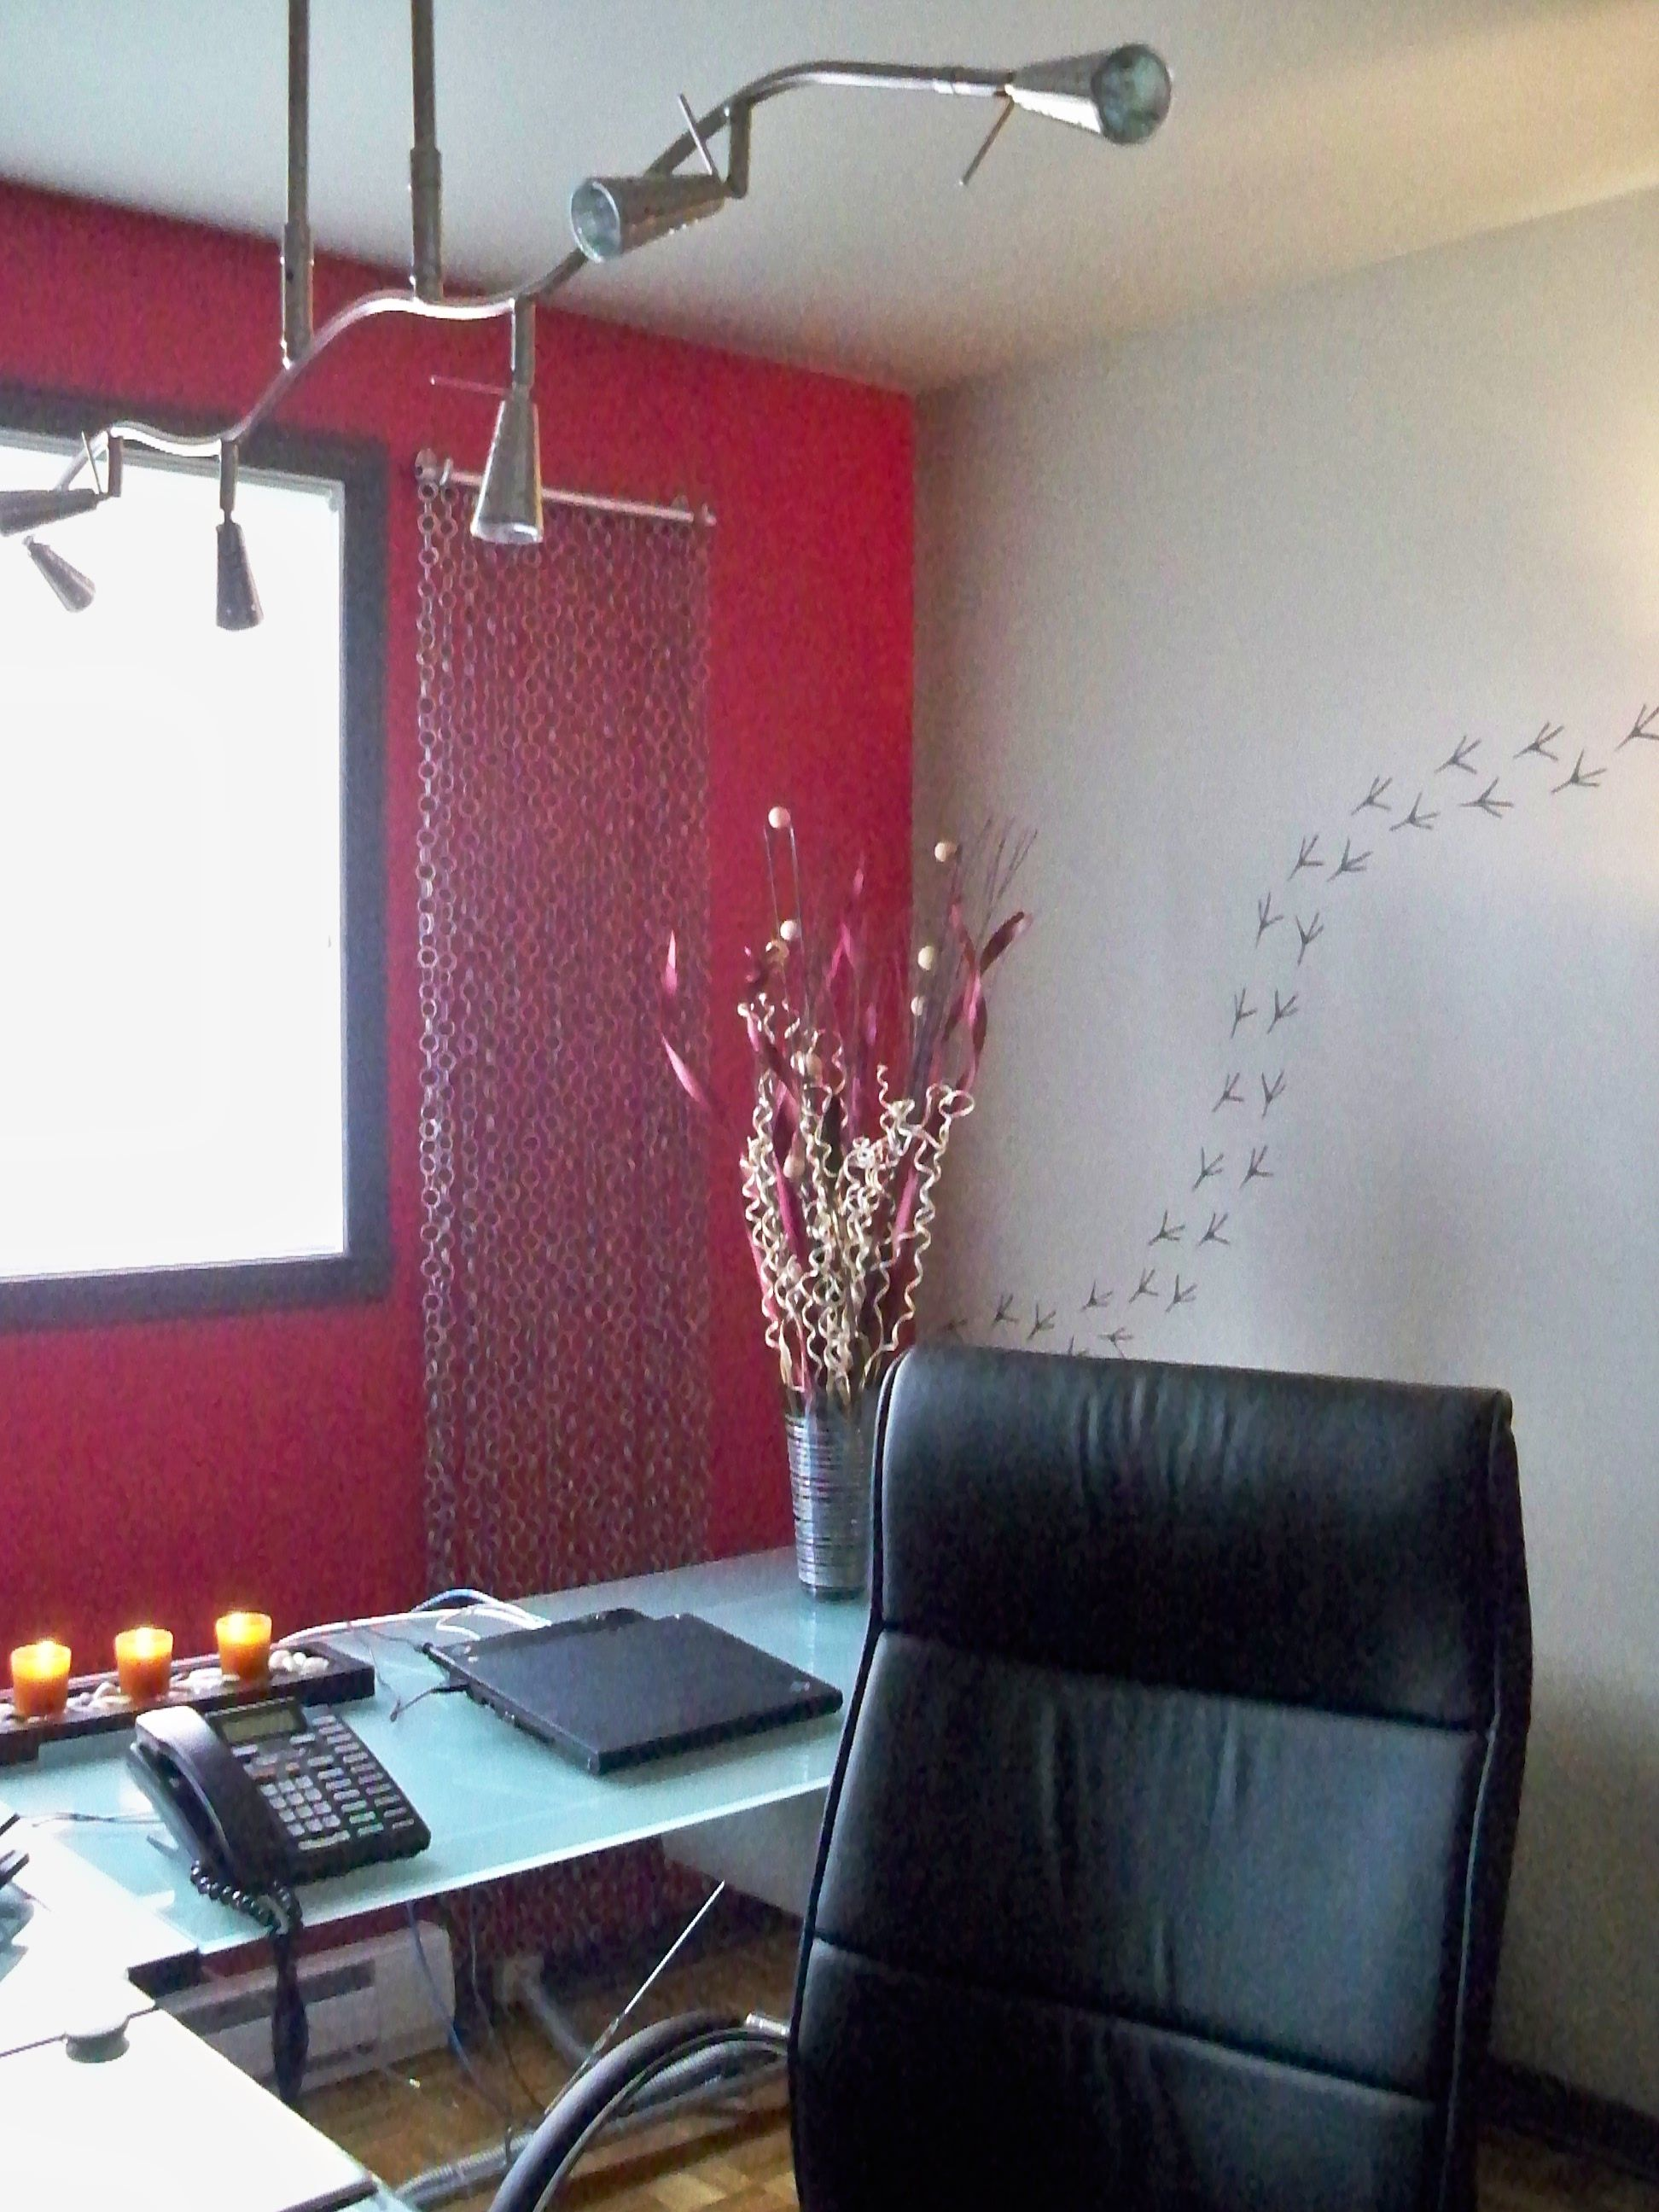 d coration d 39 un bureau domicile 5 essais cr atifs pinterest house. Black Bedroom Furniture Sets. Home Design Ideas